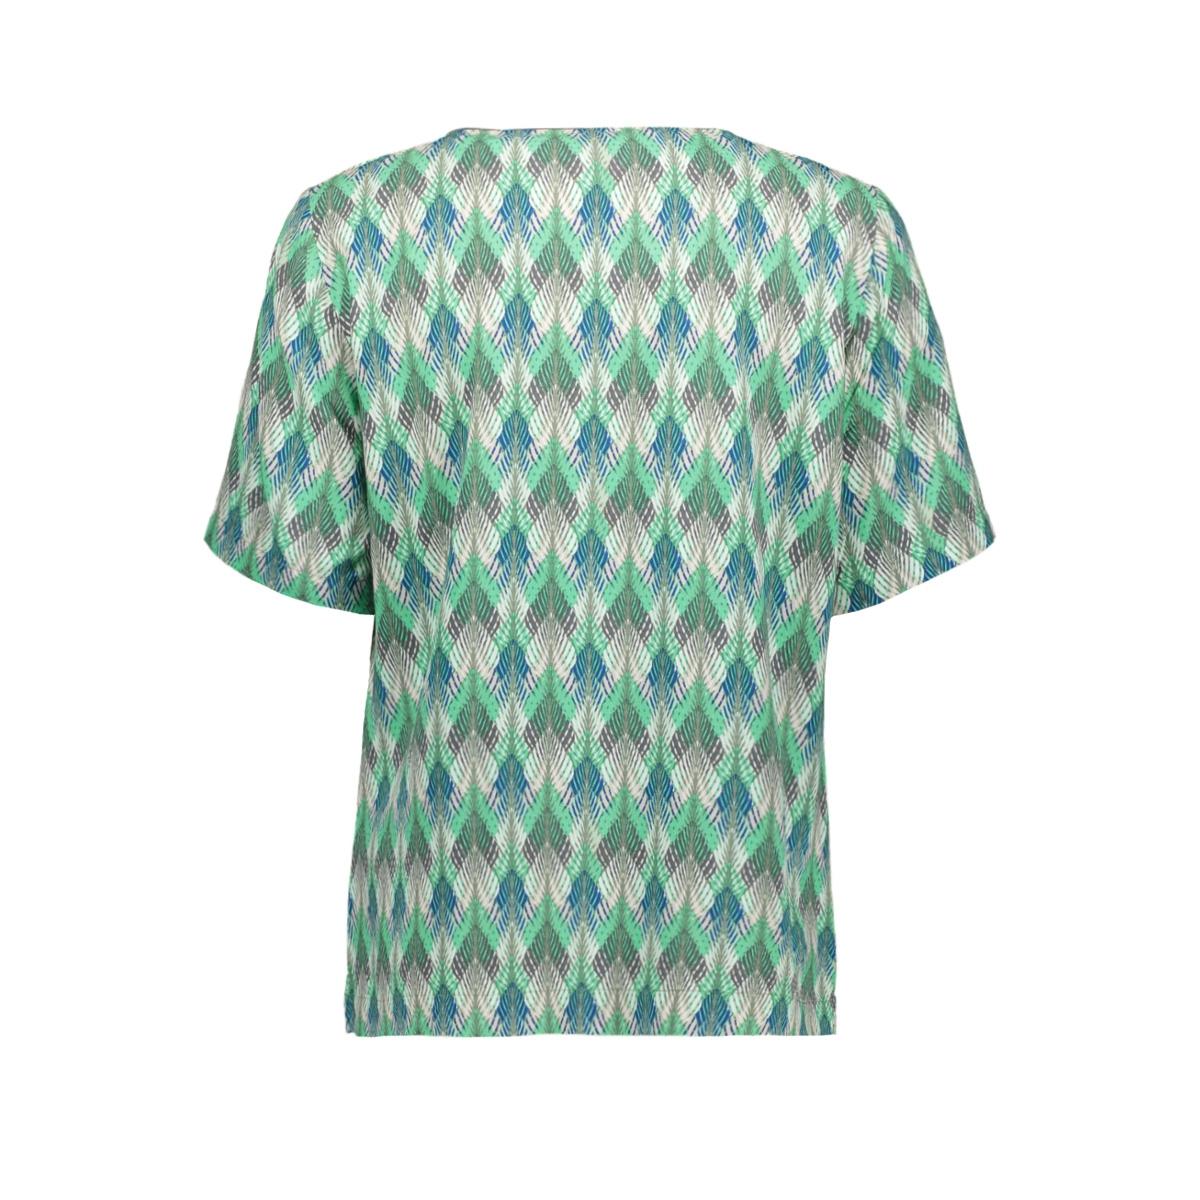 geweven t shirt met print 22001798 sandwich t-shirt 50012